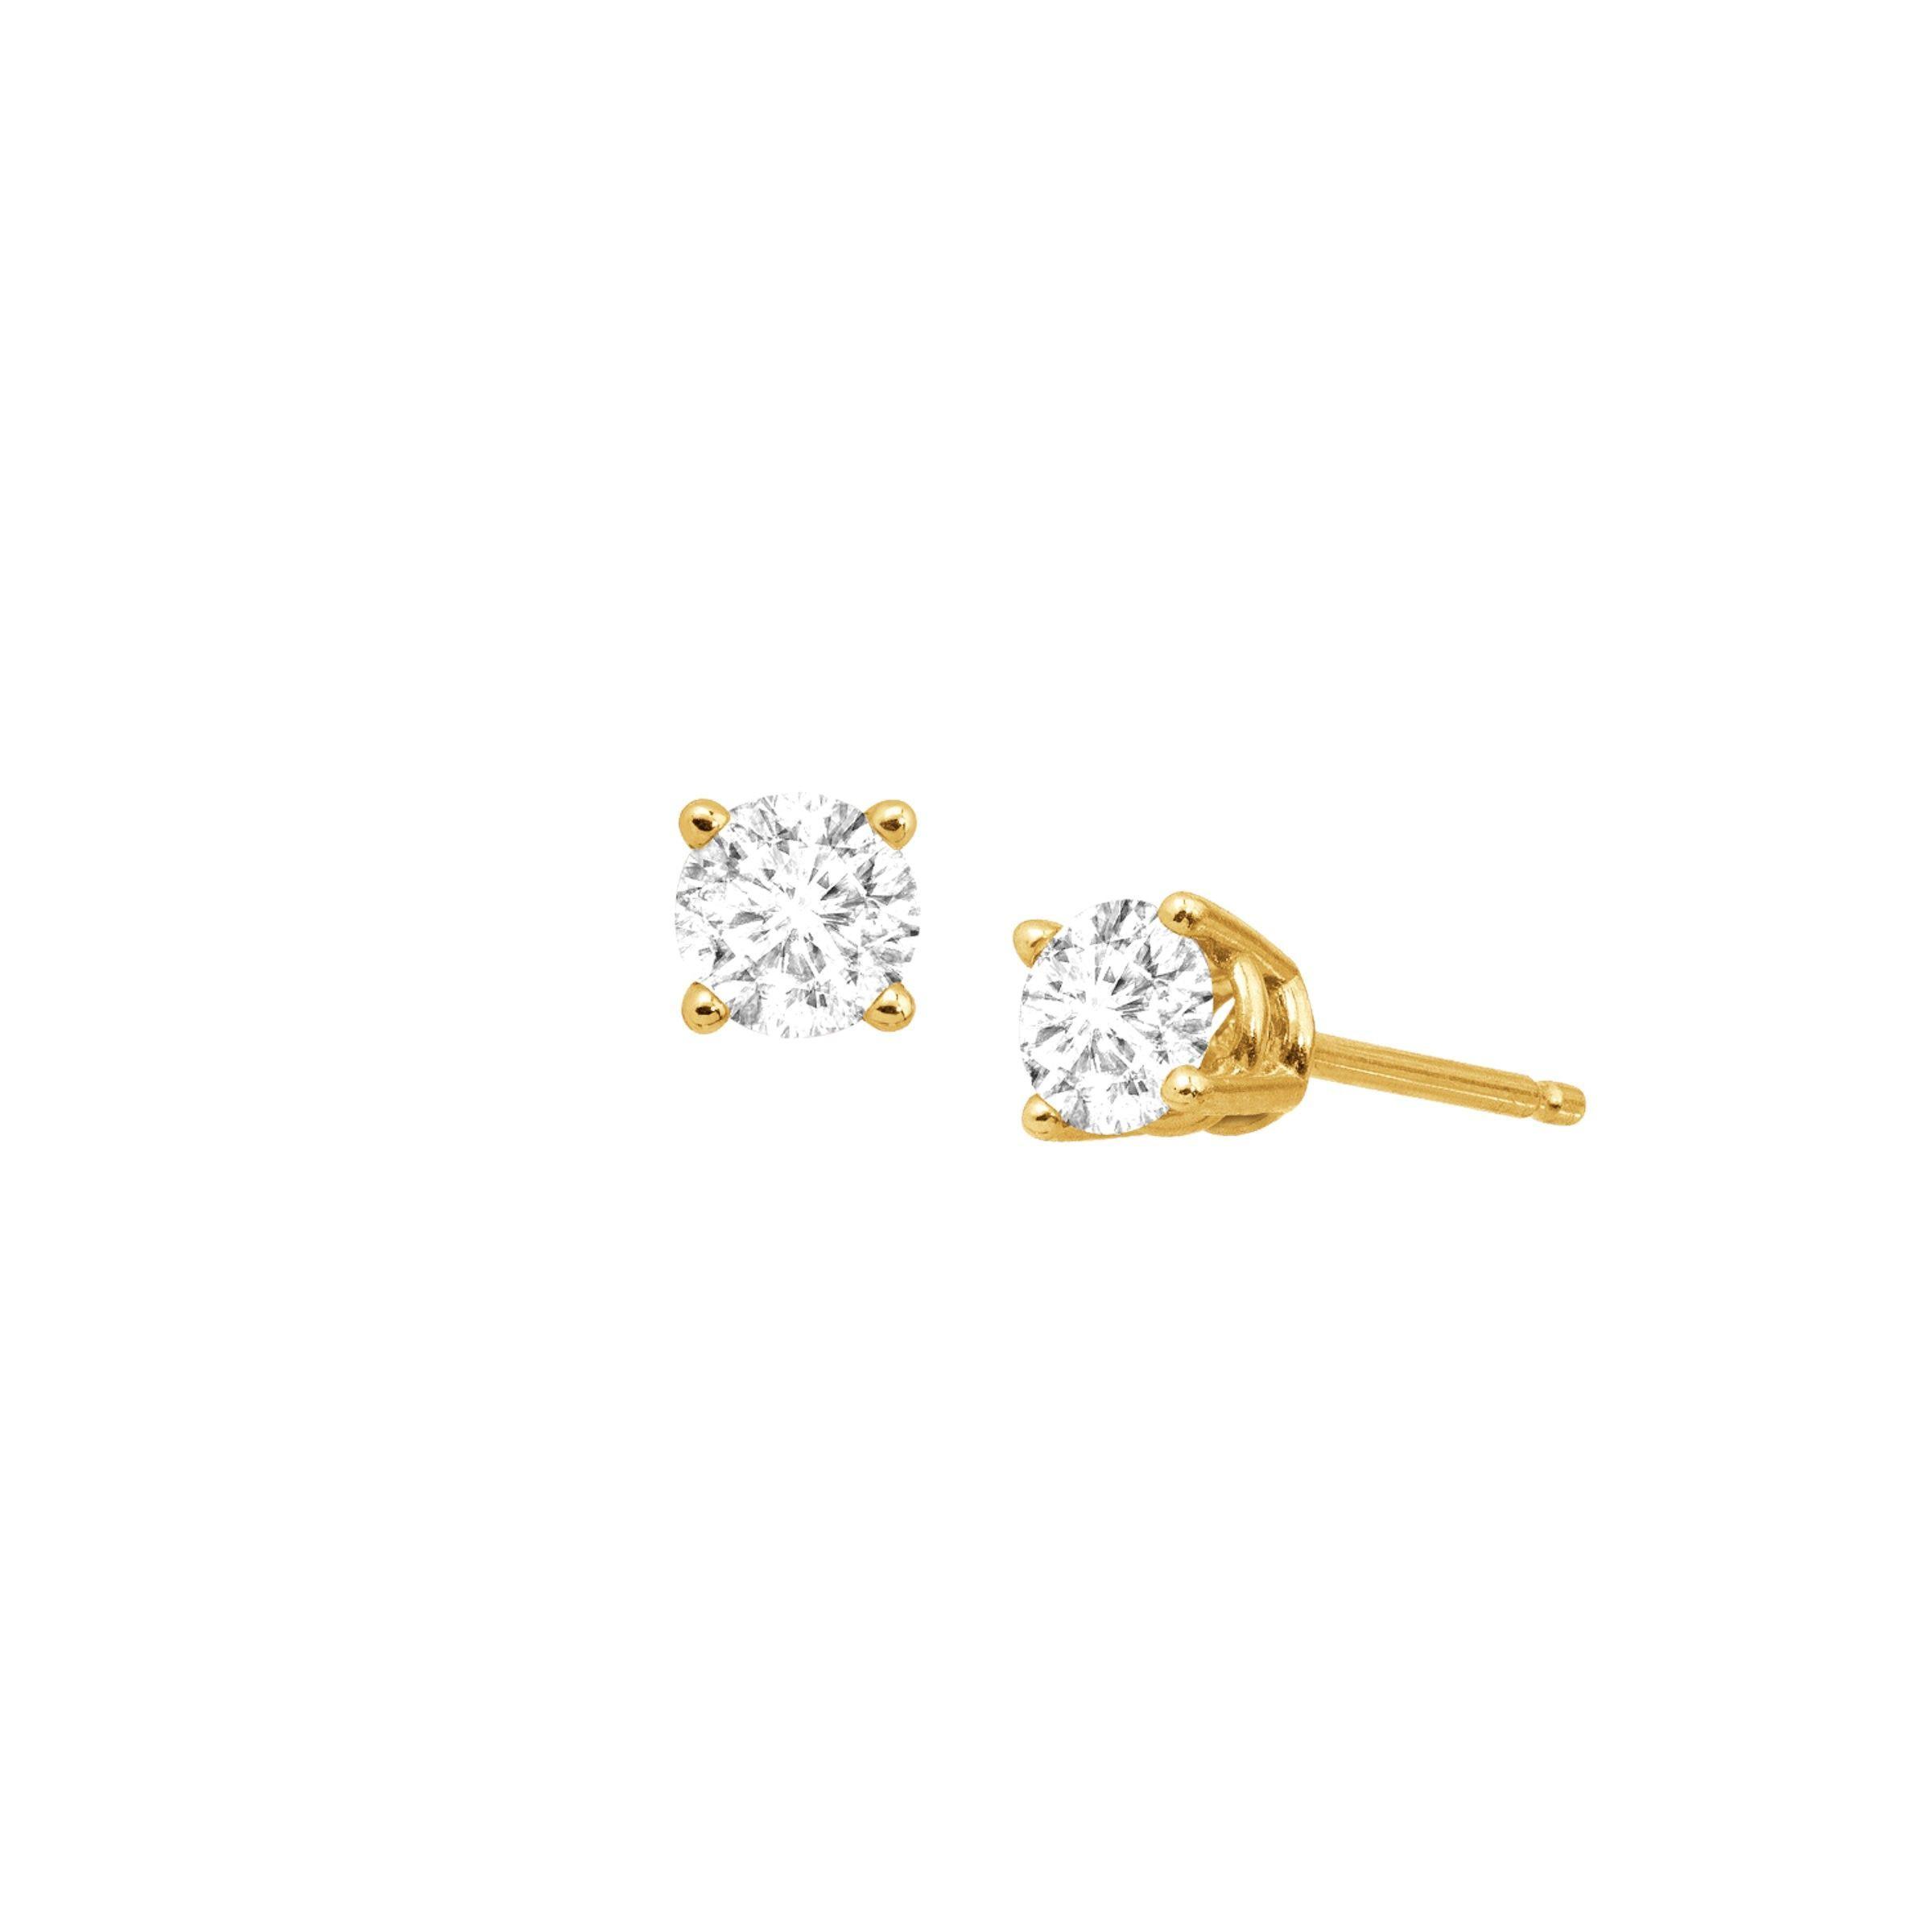 1 2 Ct Diamond Stud Earrings In 14k Yellow Gold 882773207332 Ebay